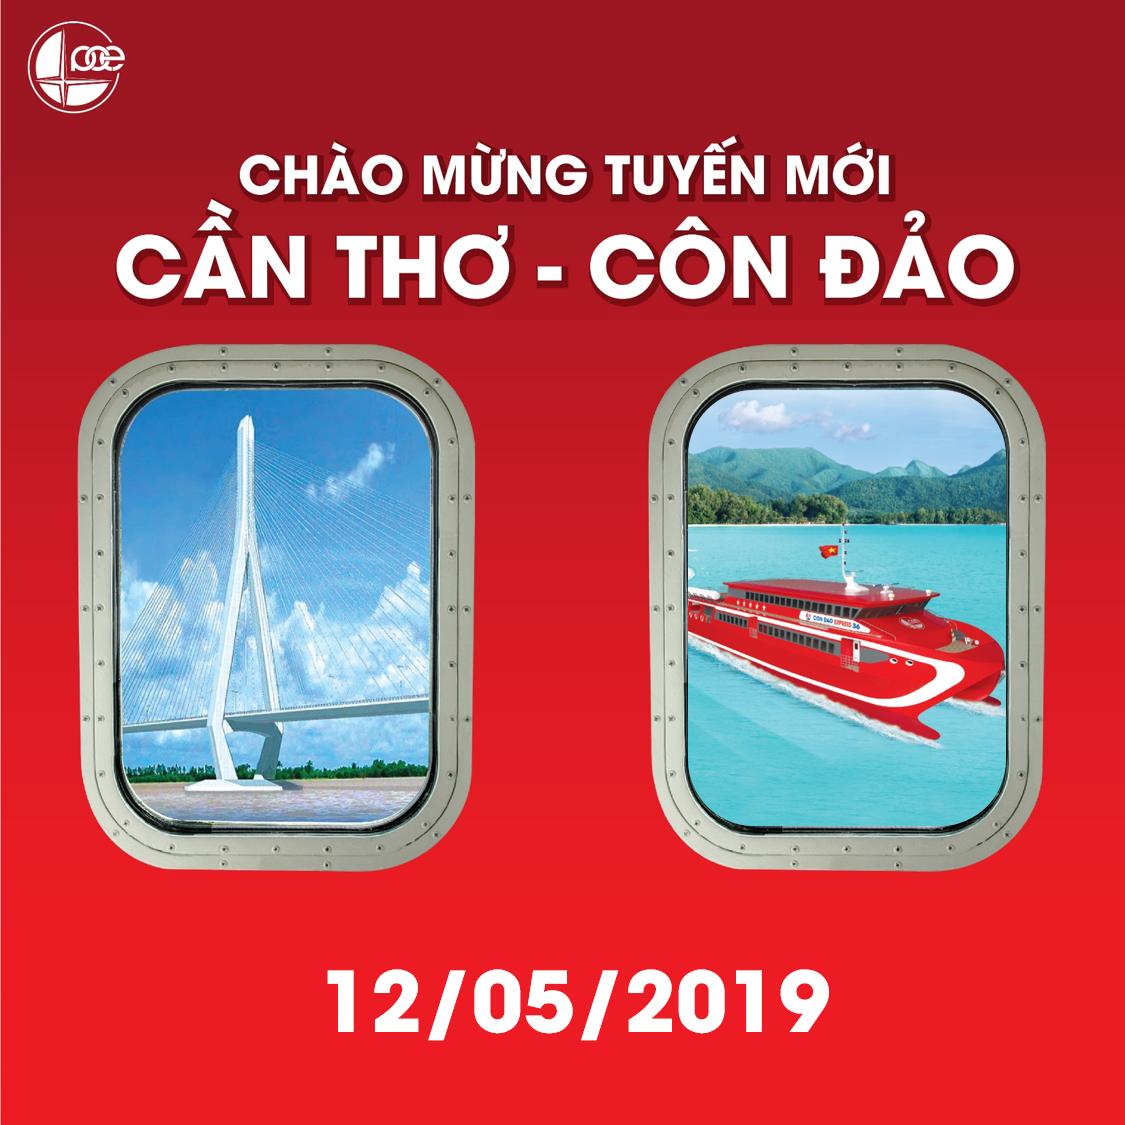 Chào mừng tuyến mới Cần Thơ - Côn Đảo